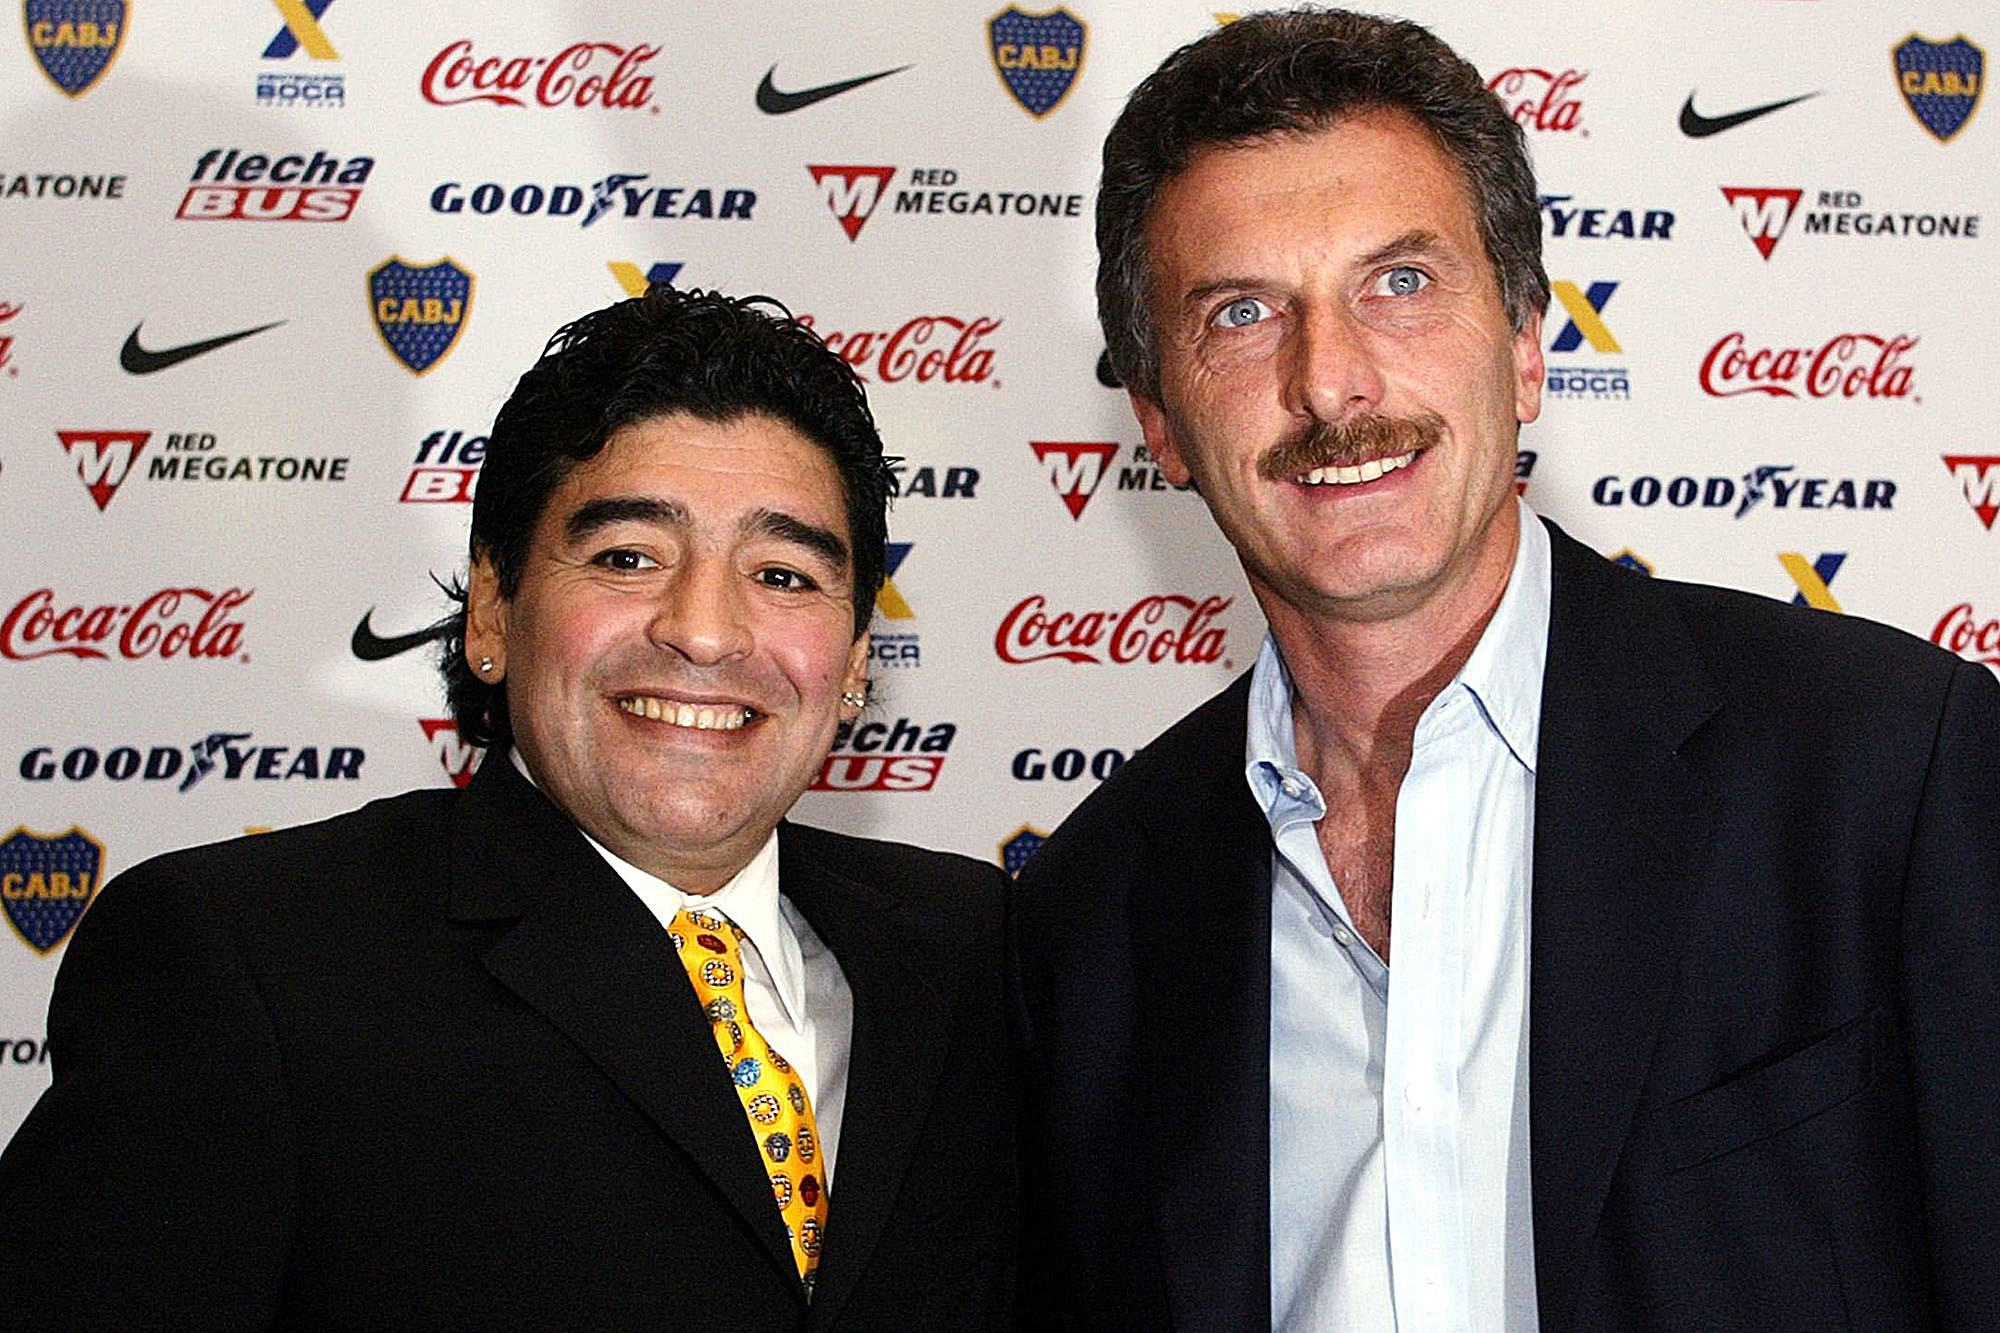 Murió Diego Maradona. Cómo Mauricio Macri se enteró de la noticia, el llamado a Guillermo Coppola y una historia con desencuentros